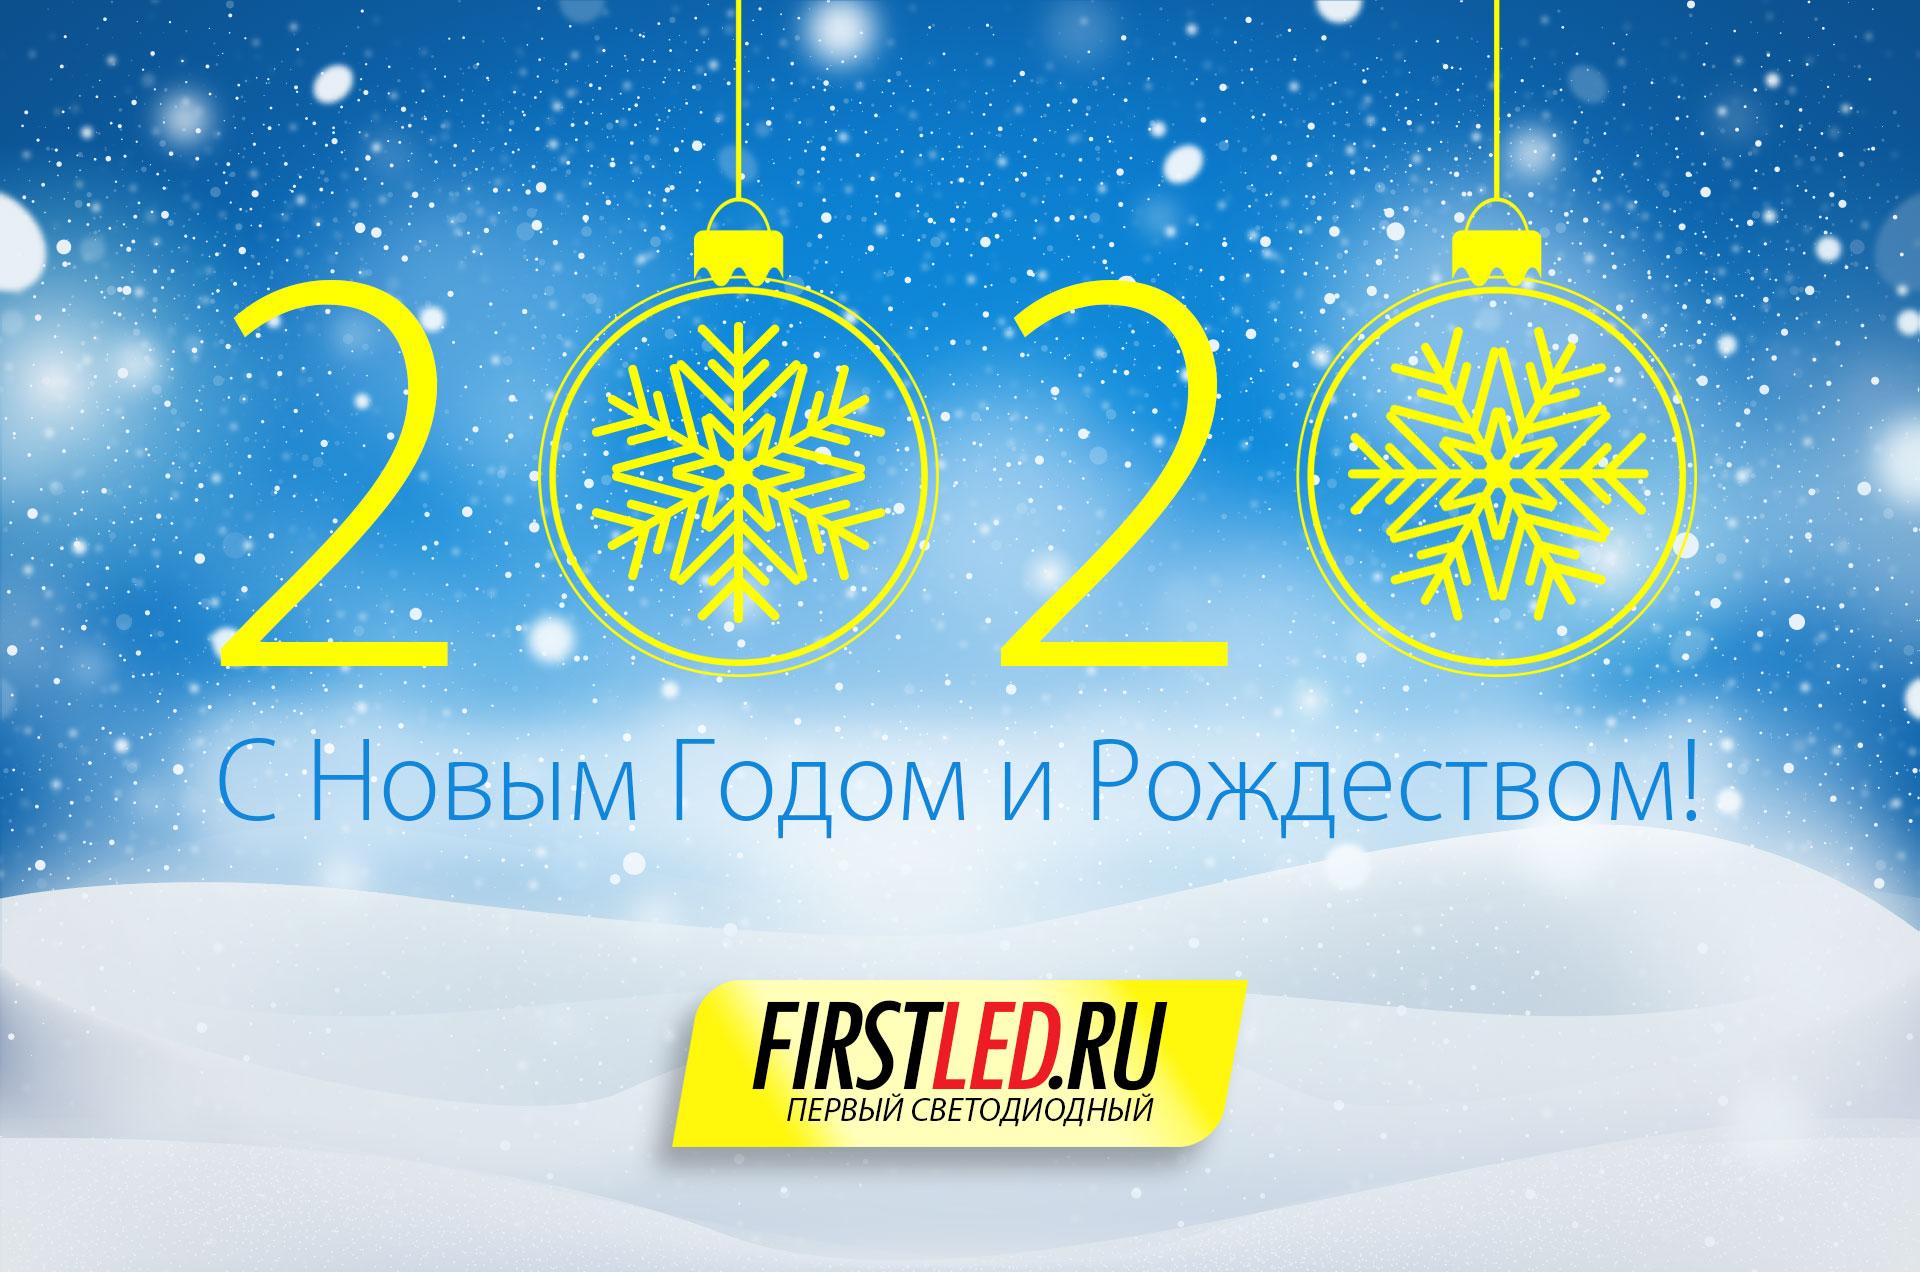 Первый Светодиодный поздравляет с Новым Годом 2020 и Рождеством!